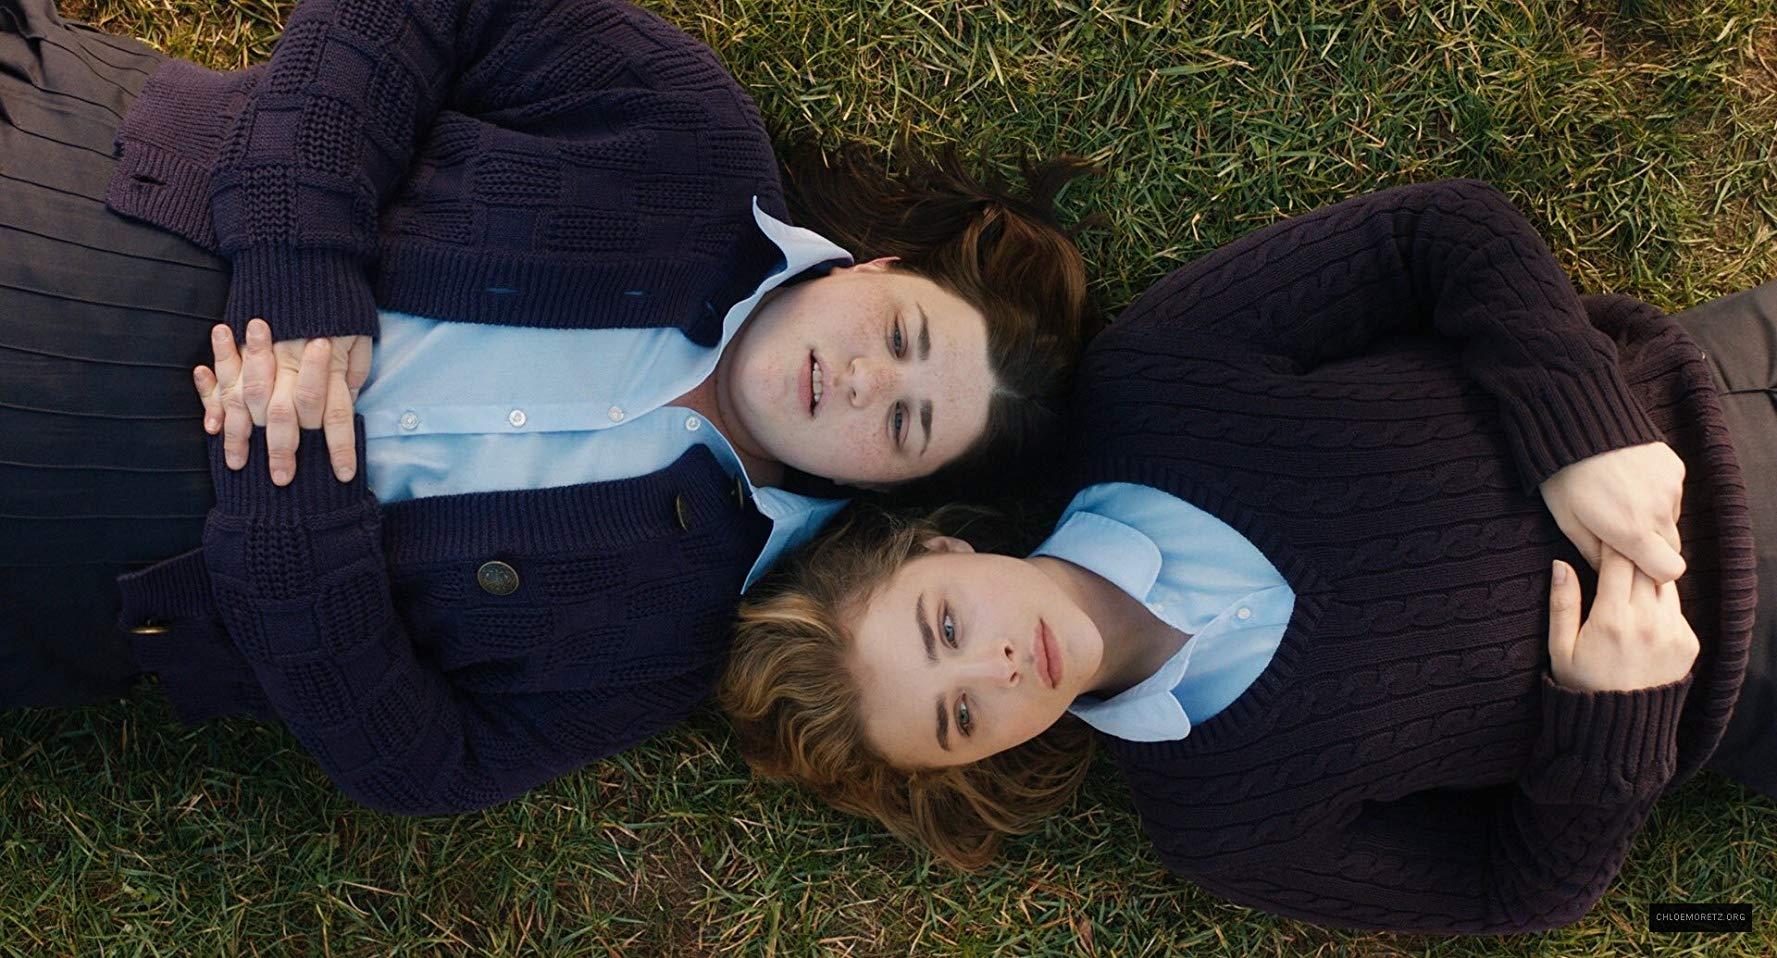 Tlačová správa: O pestrosti a spolupatričnosti chce hovoriť 12. ročník Filmového festivalu inakosti